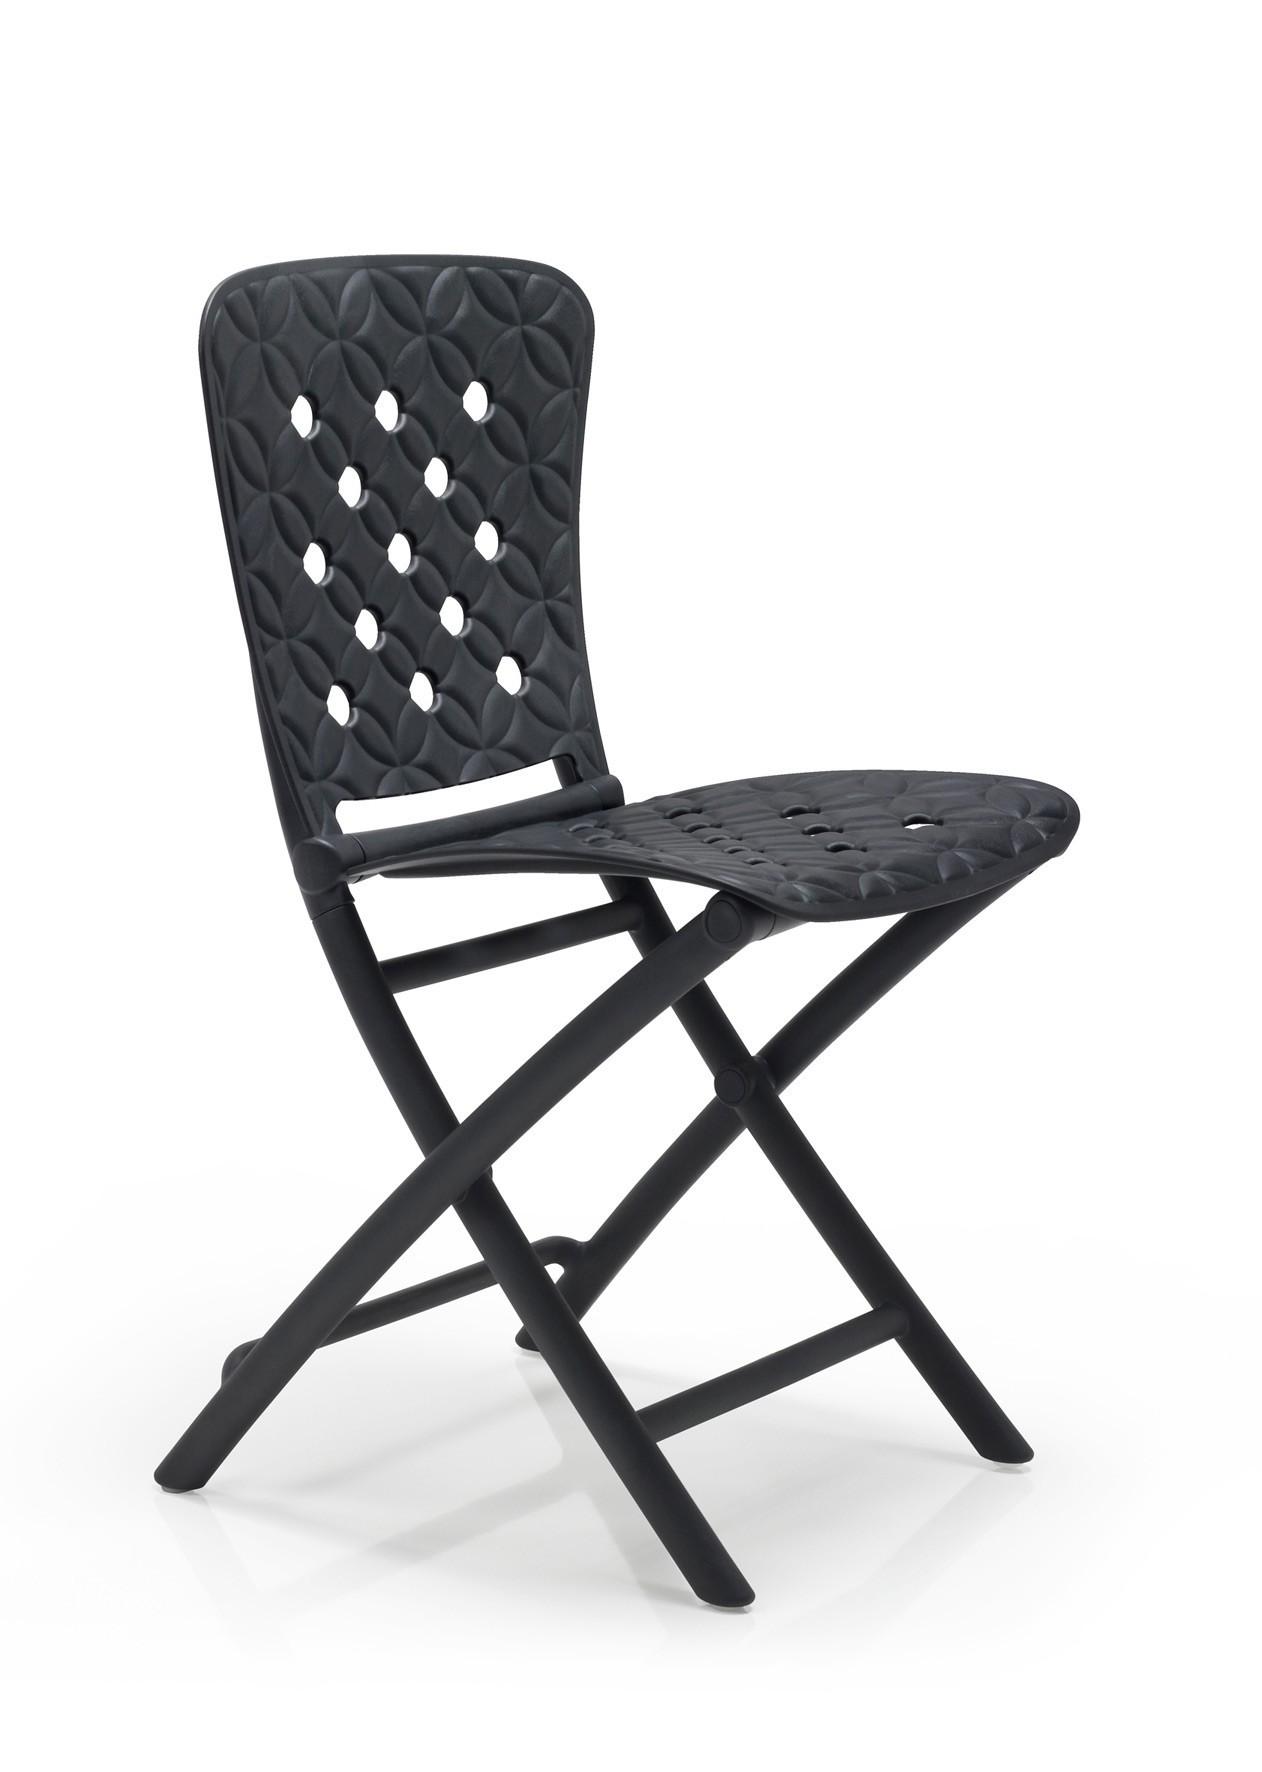 klappstuhl gartenstuhl zac spring kunststoff klappbar anthrazit bei. Black Bedroom Furniture Sets. Home Design Ideas